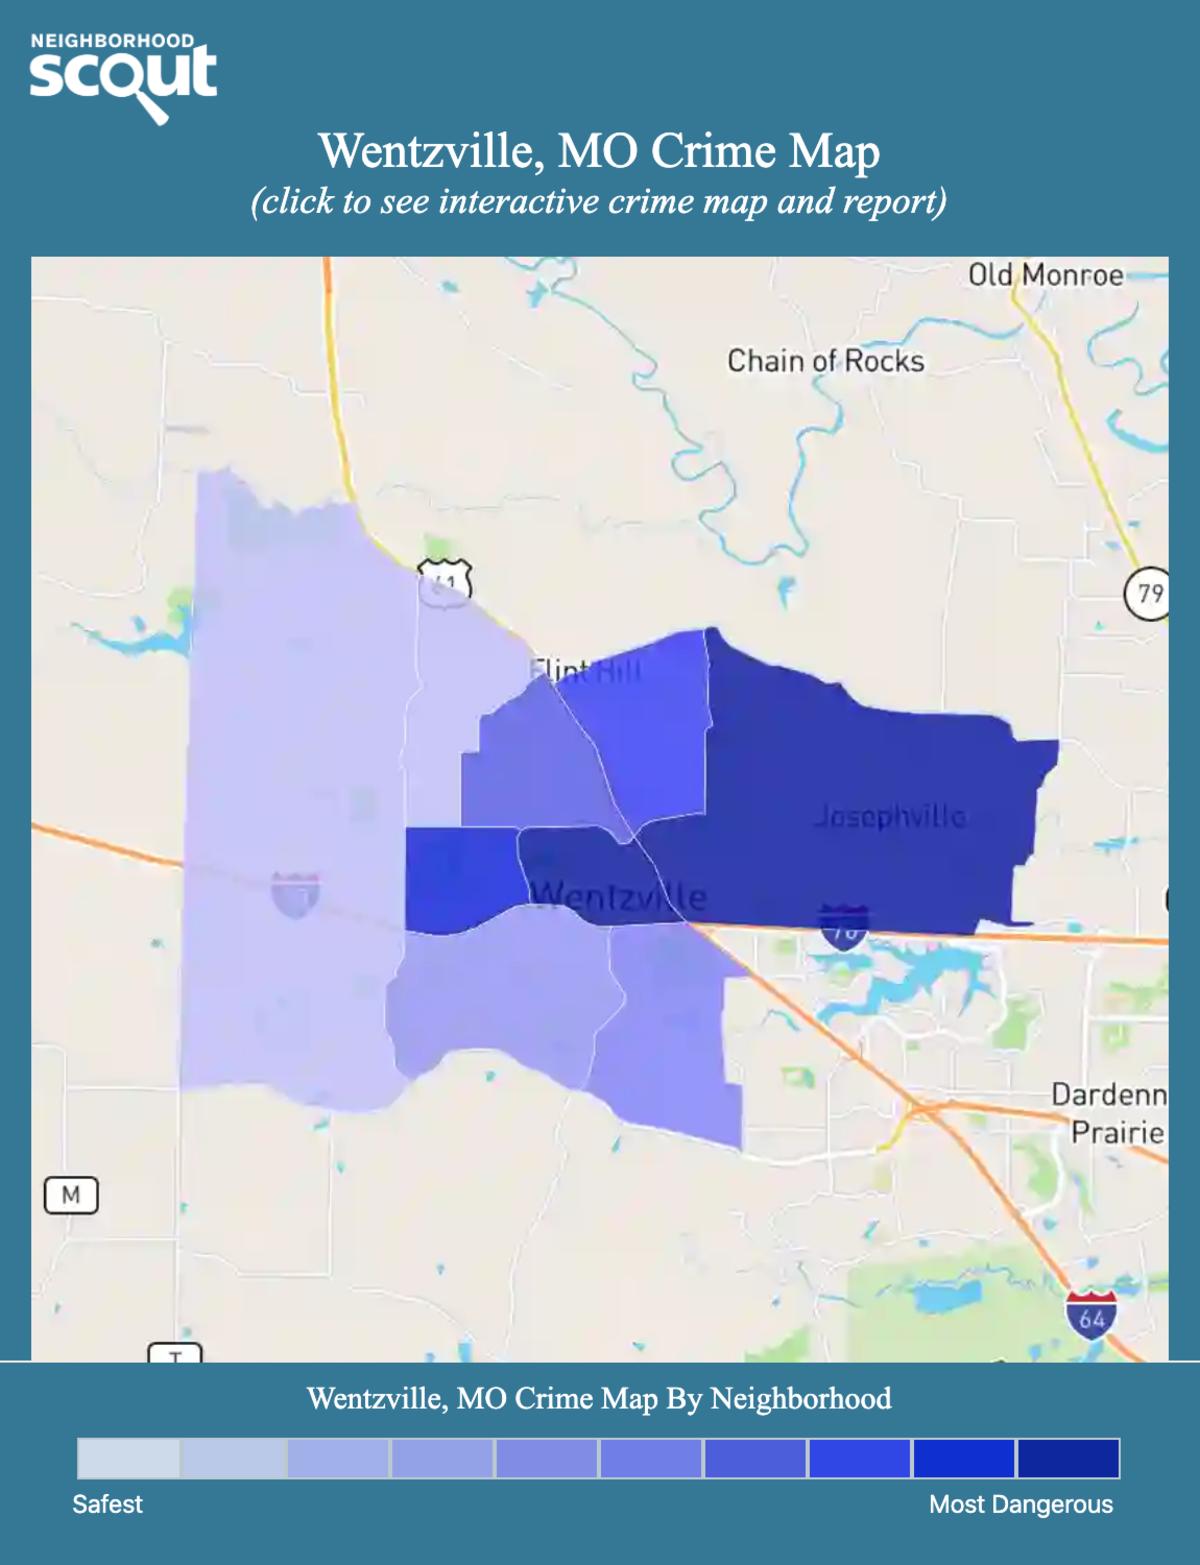 Wentzville, Missouri crime map